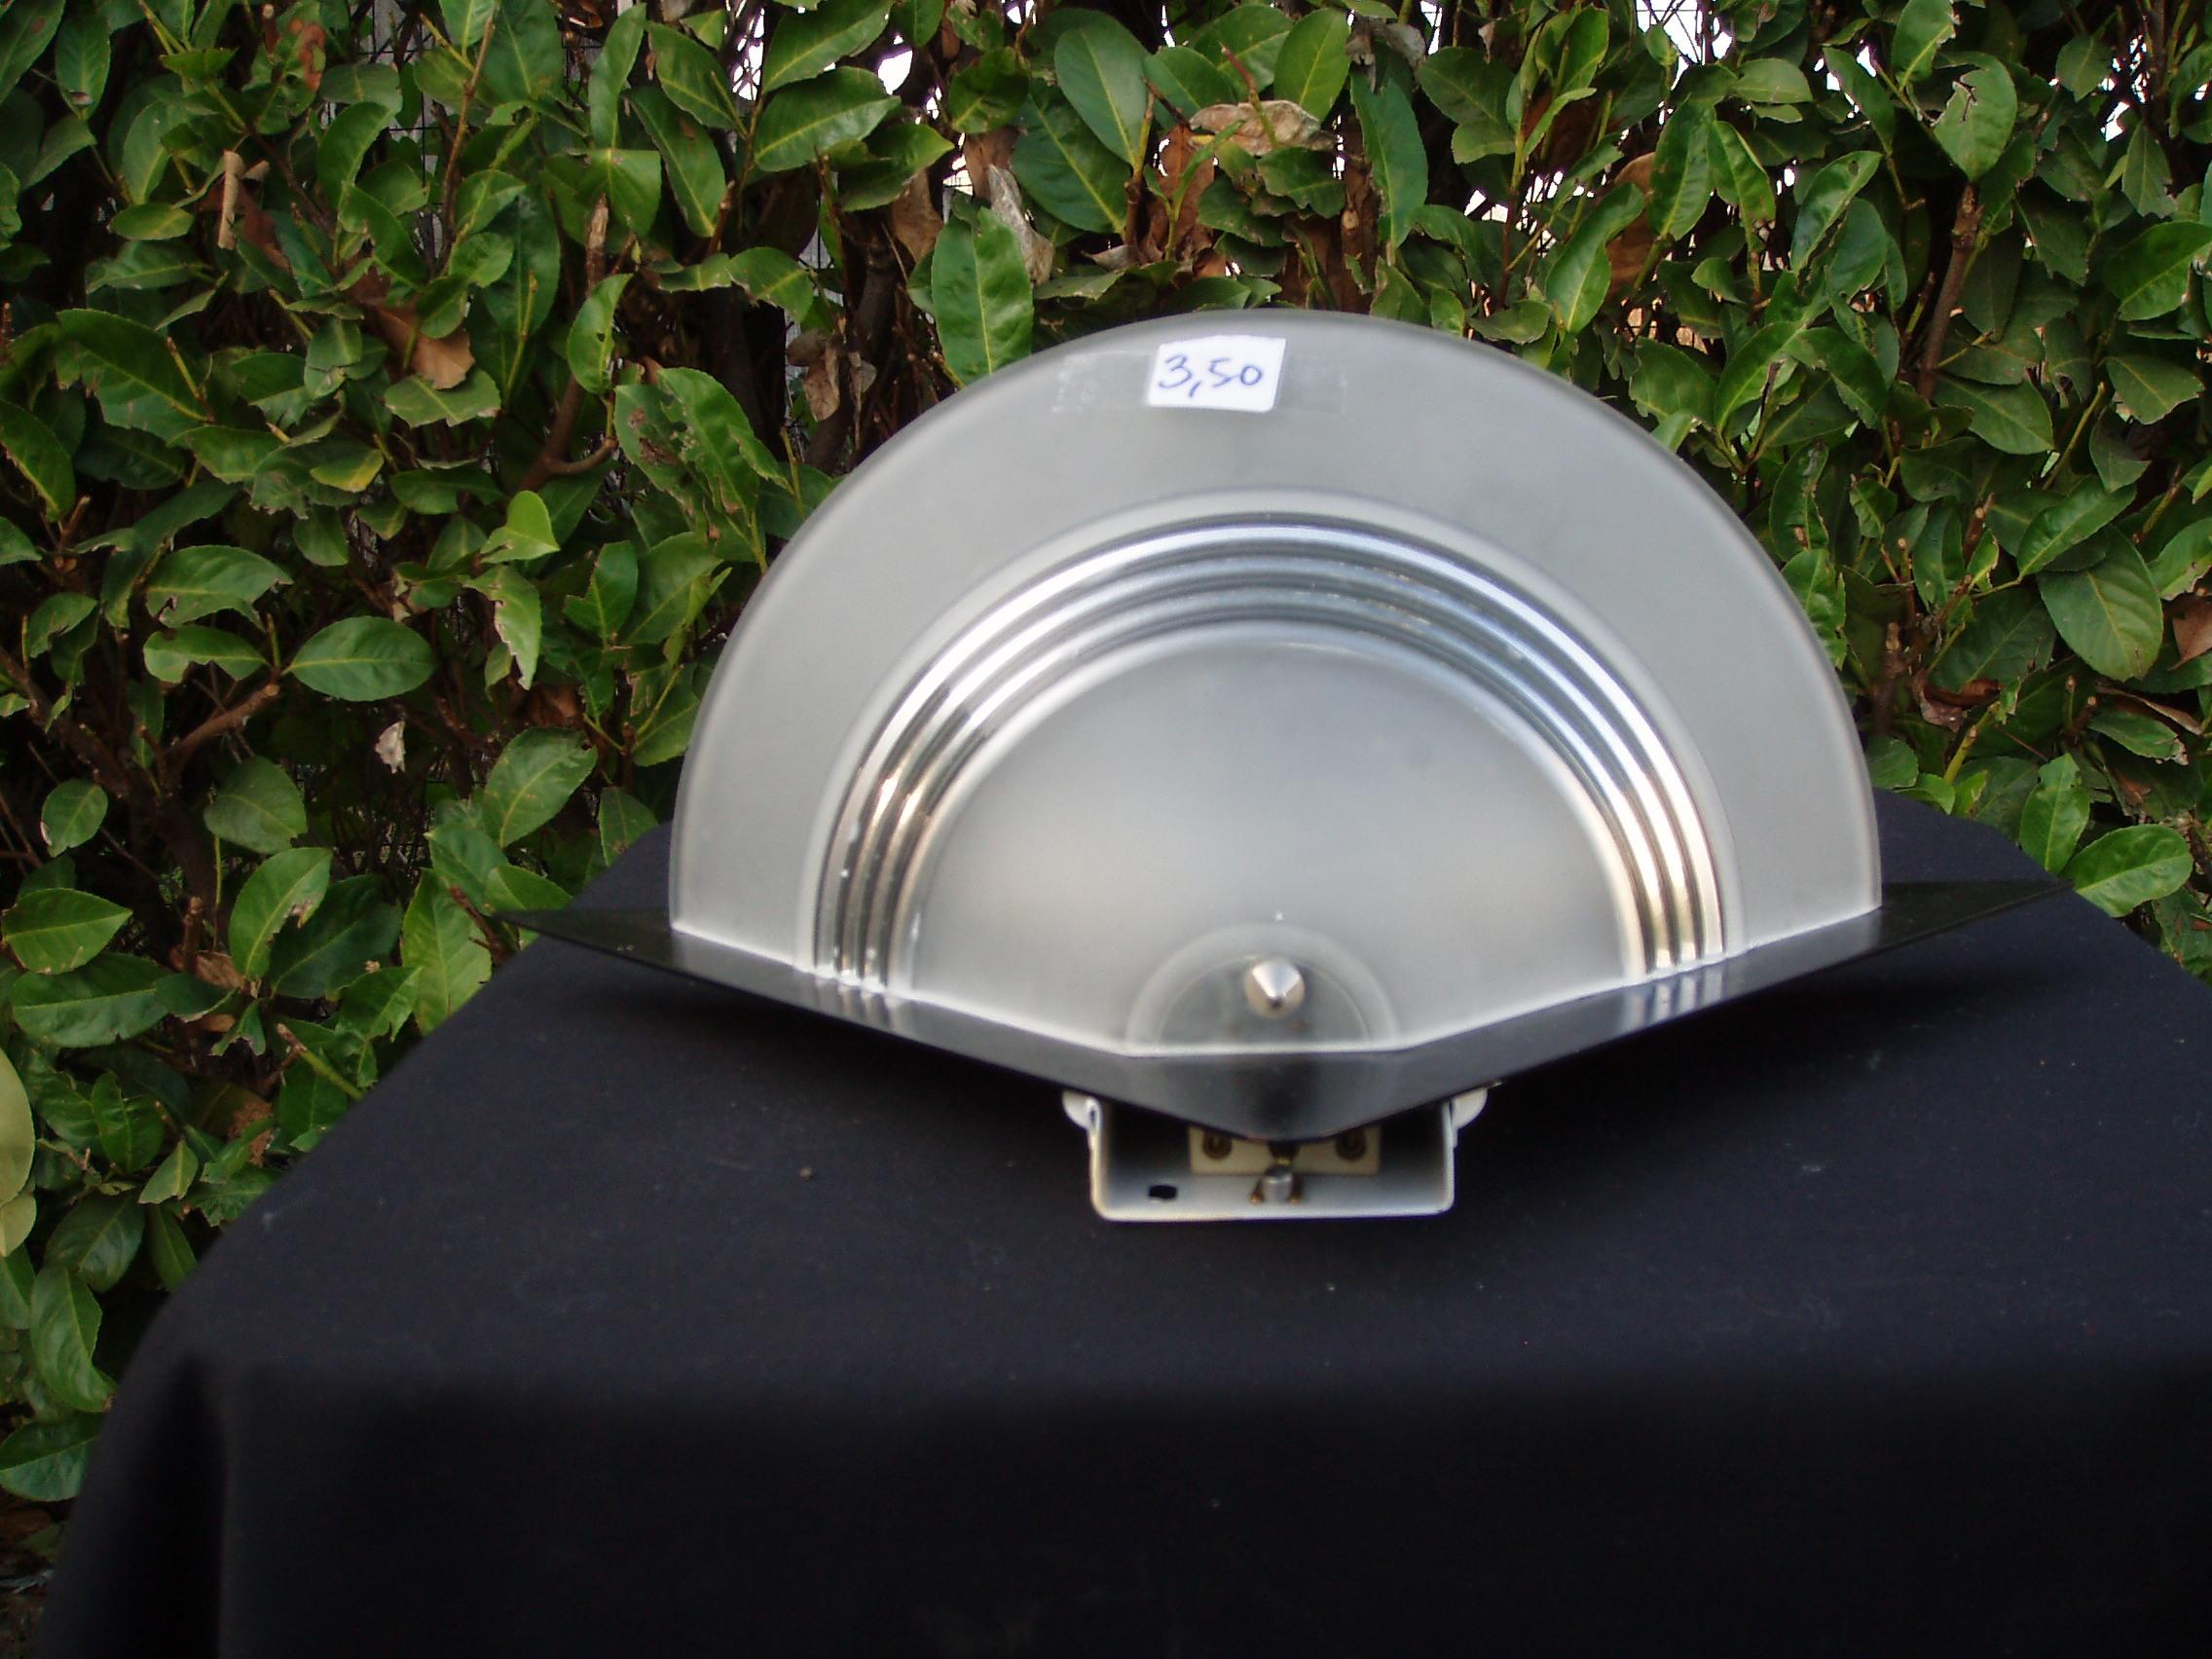 Plafoniere E Lampadari : Plafoniere e lampadari usati u2013 il tendone solidale mercatino dell usato